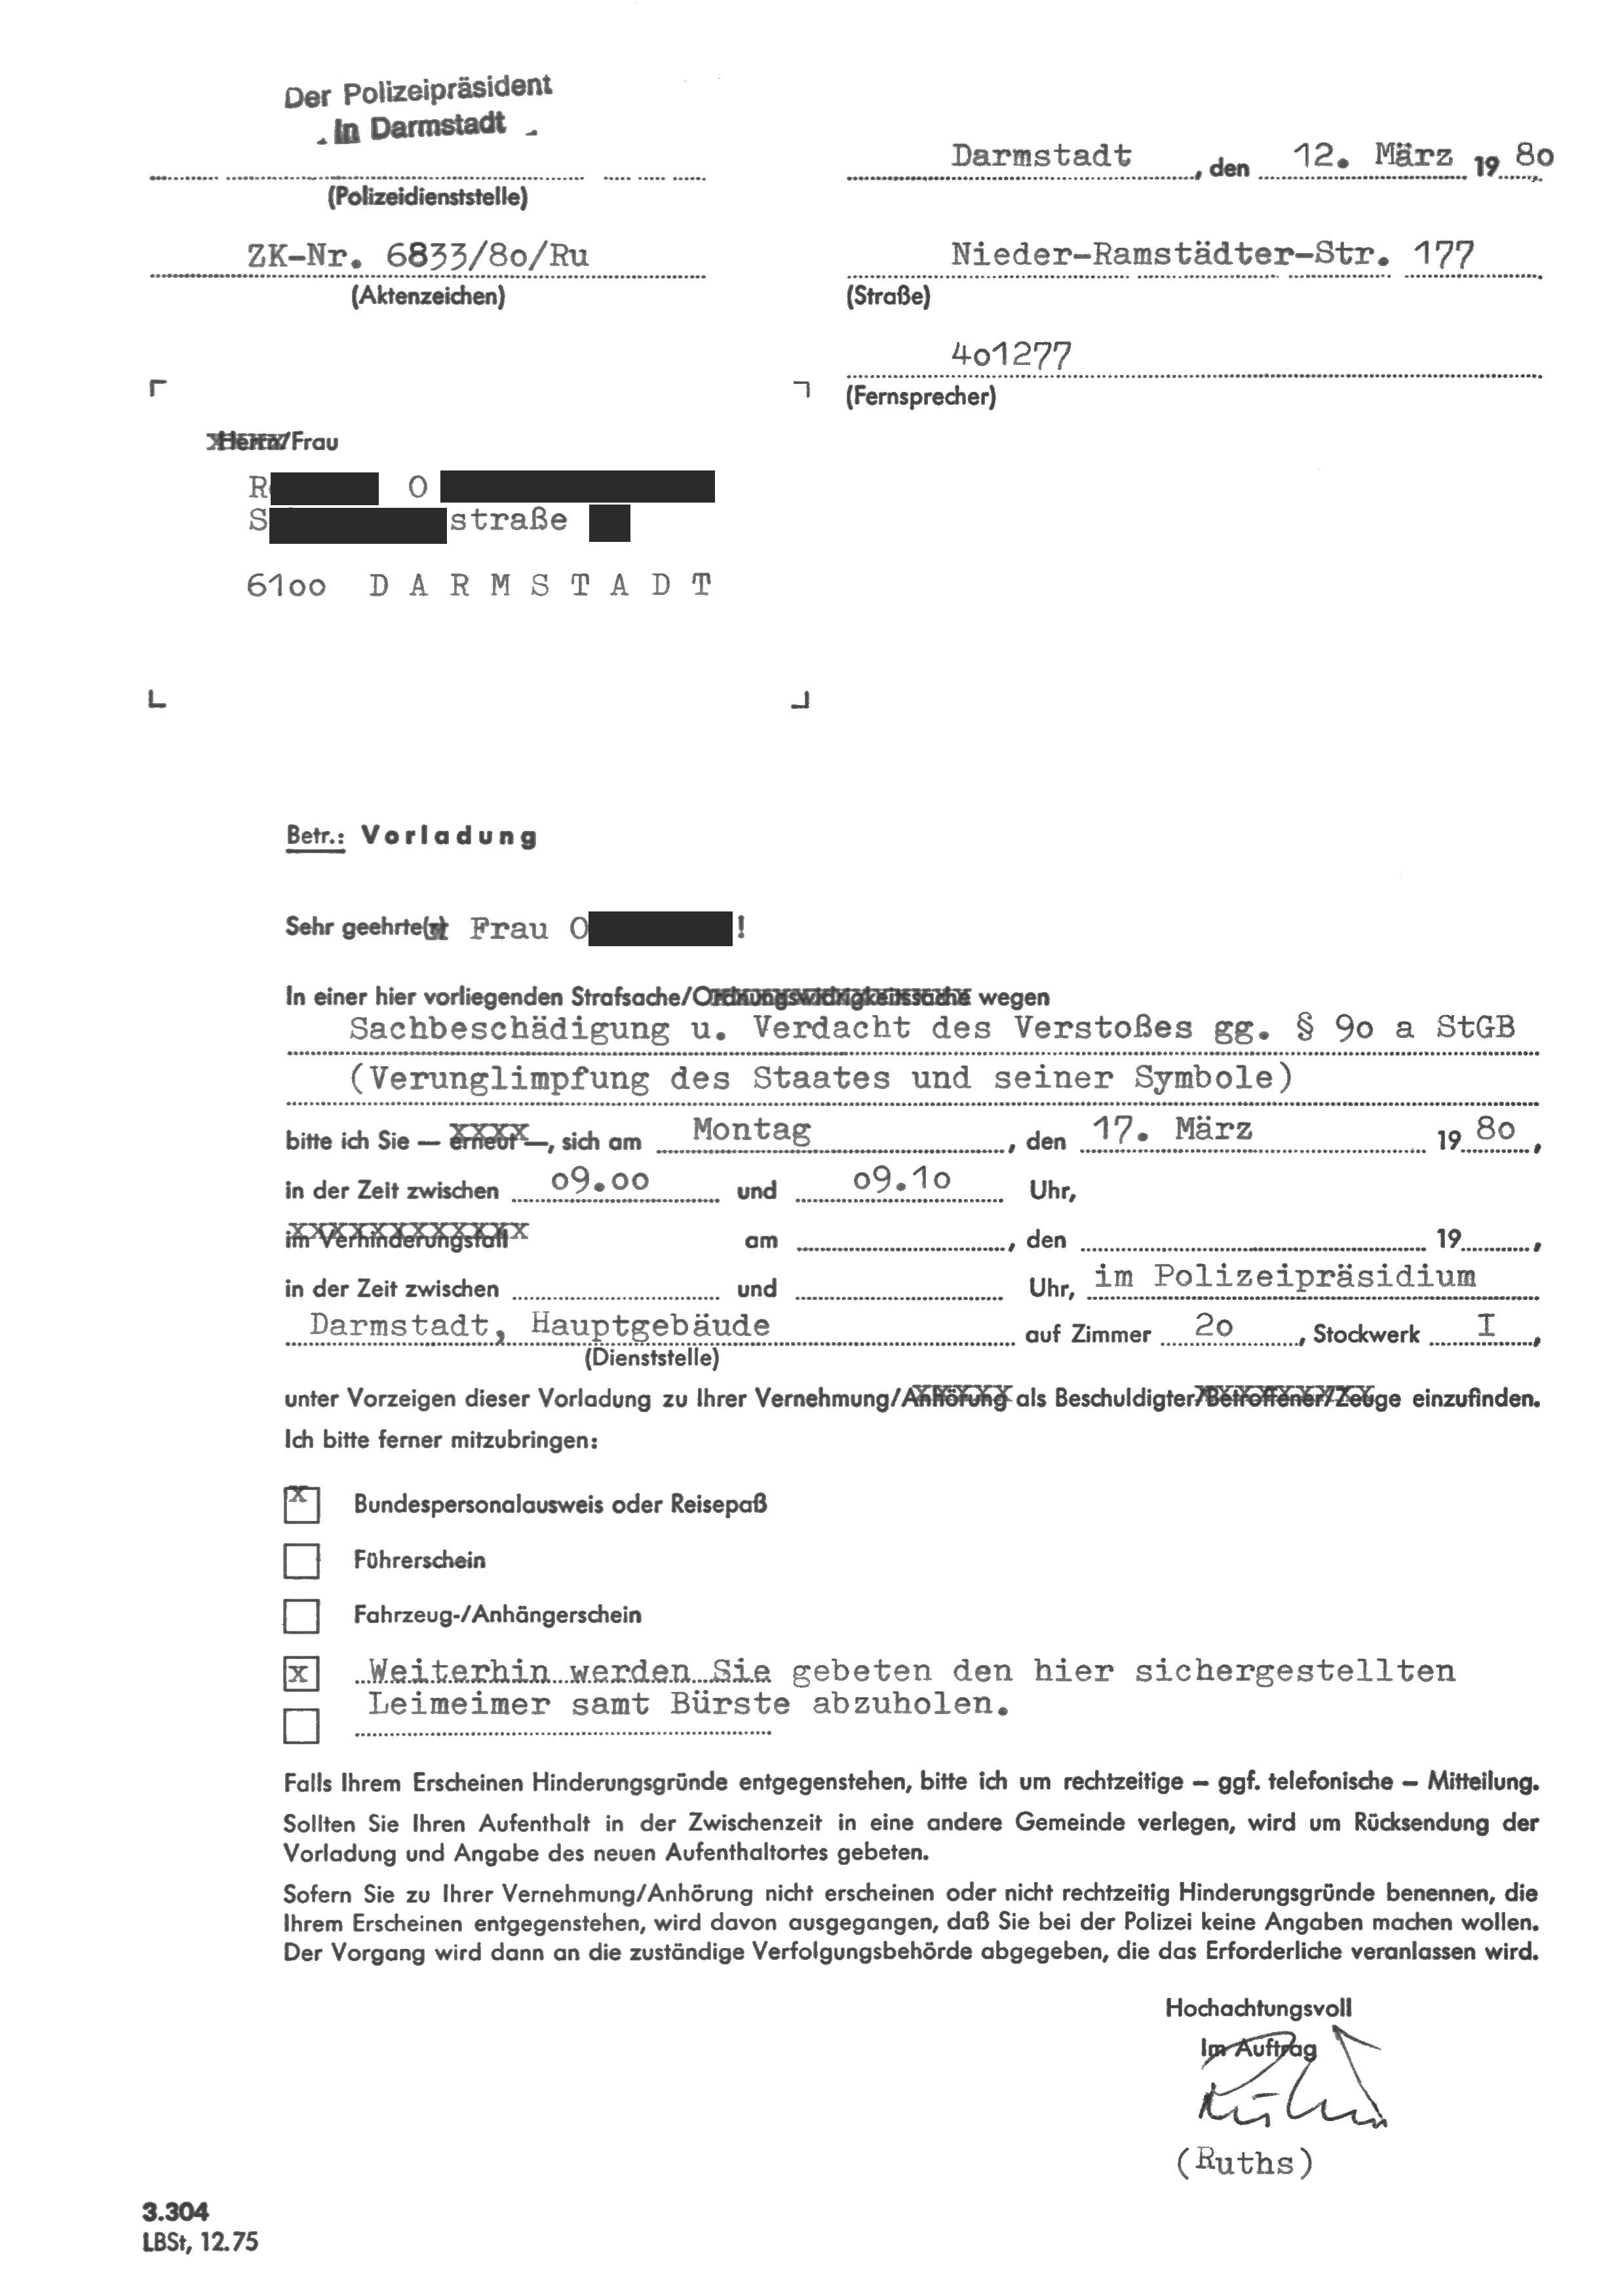 Ausgezeichnet Vorladung Antwortvorlage Zeitgenössisch - Beispiel ...